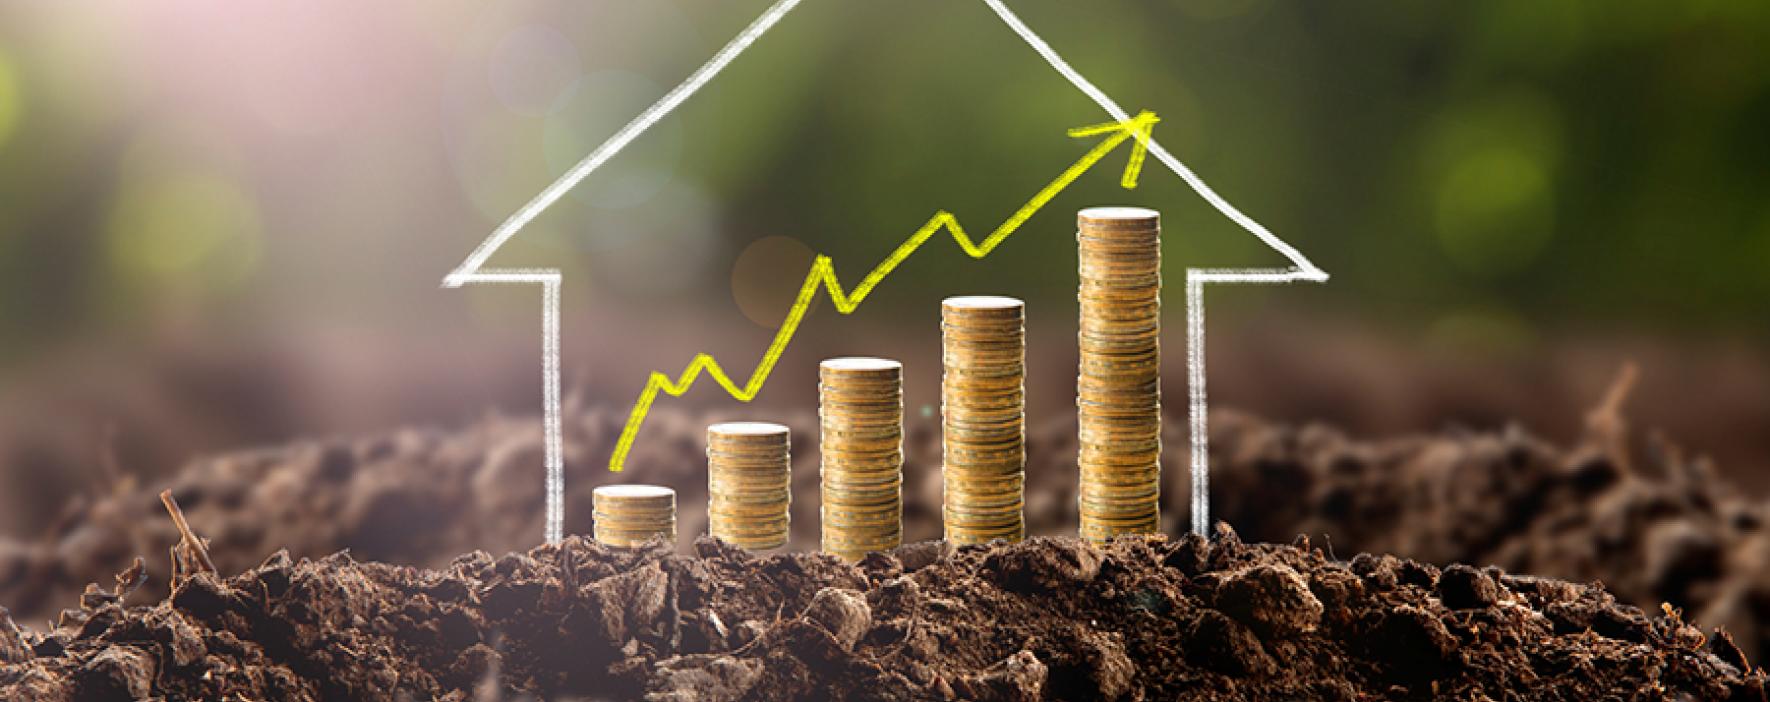 Inversión en vivienda nueva en Antioquia fue de 5 billones de pesos en el año 2015